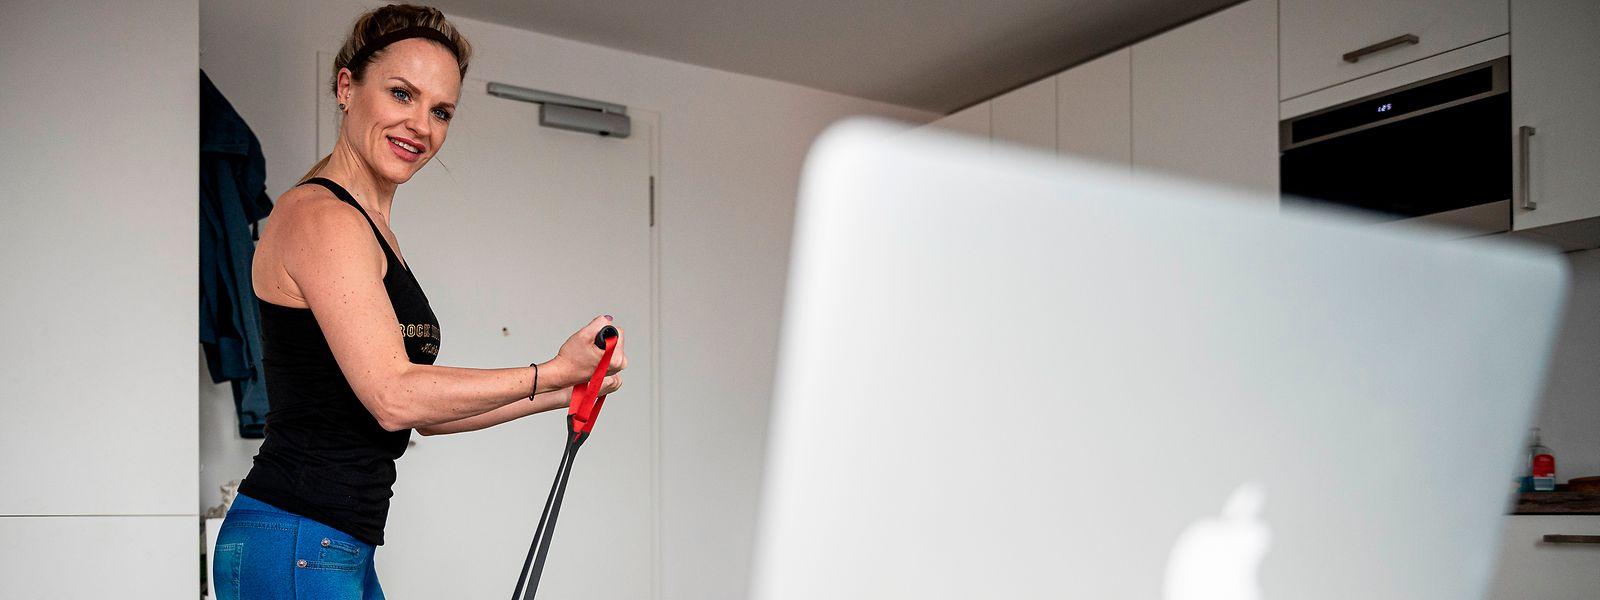 Grâce aux nouvelles technologies, les cours de fitness se donnent à distance. Histoire de garder un lien avec les clients.